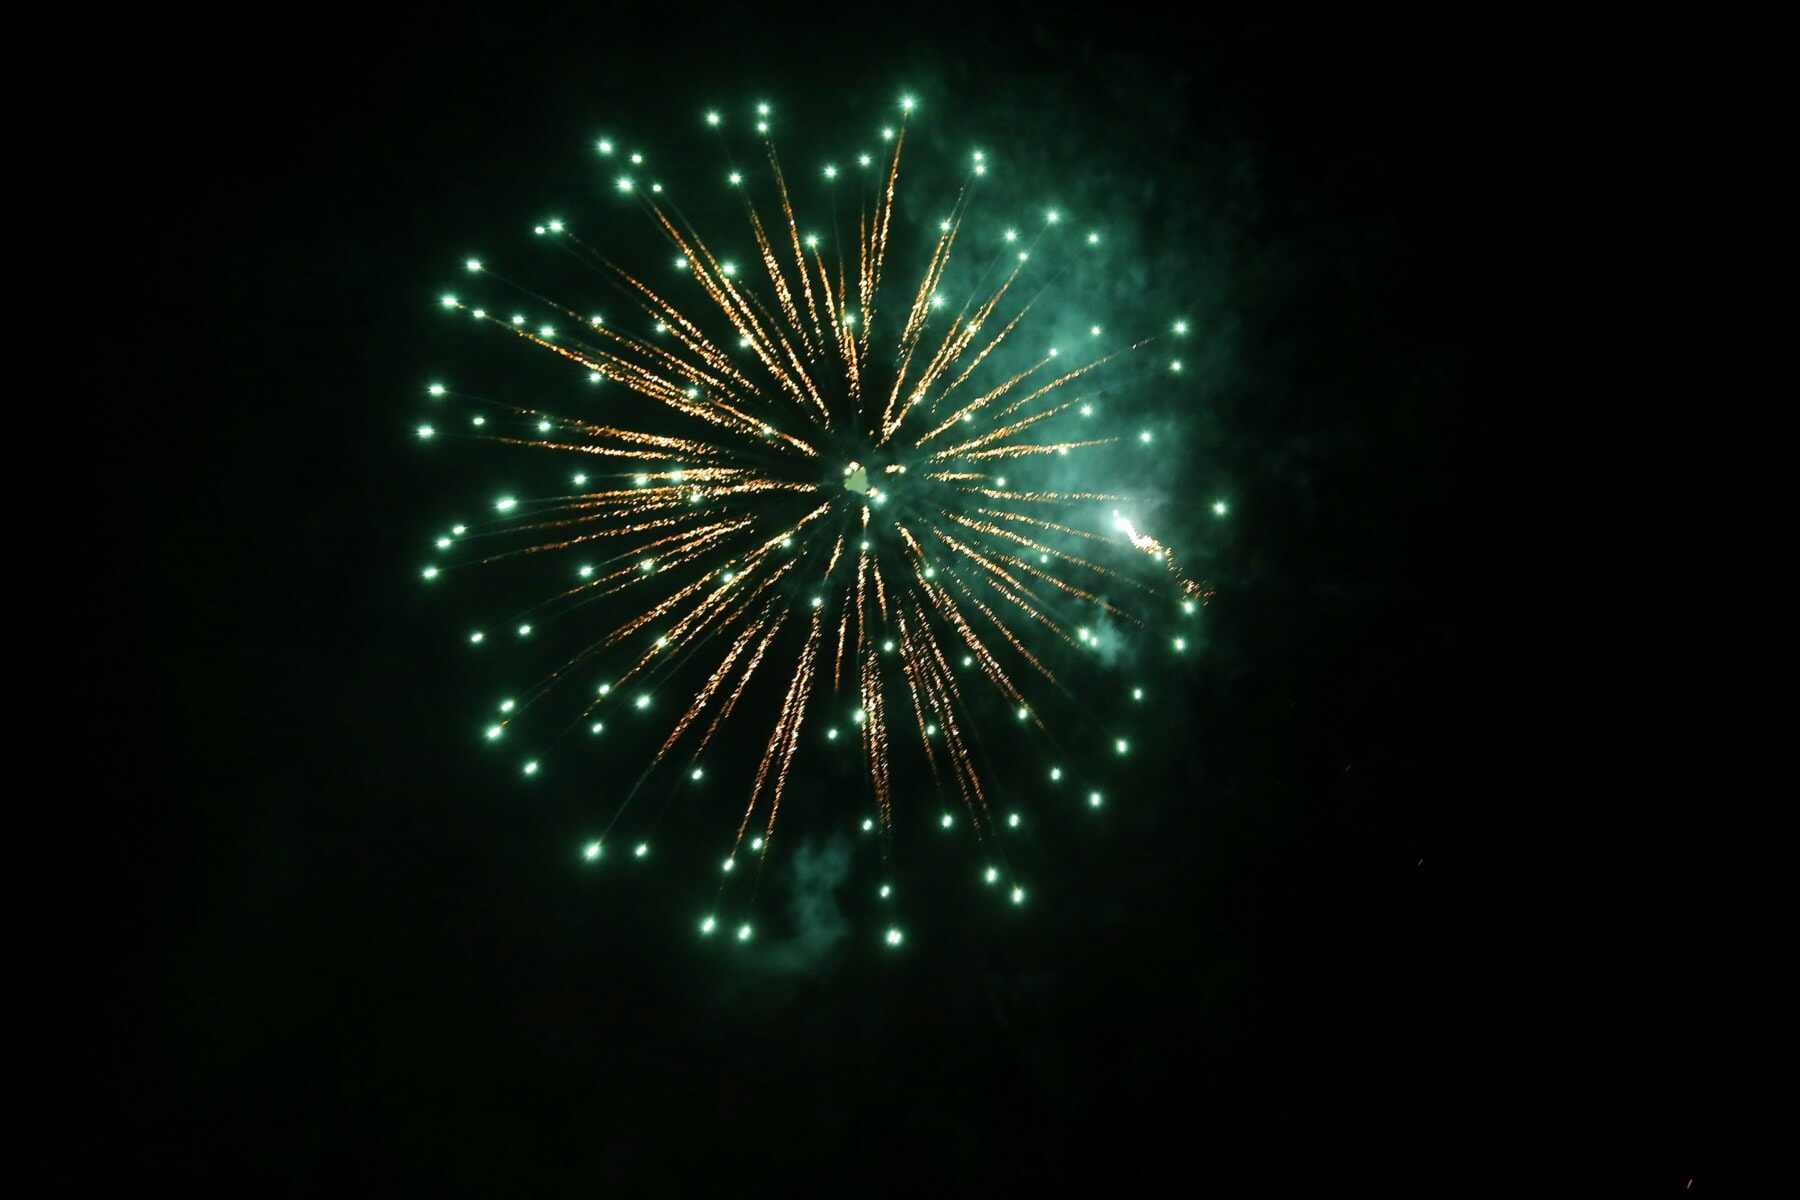 新年, 花火, スパーク, 夜間, 夜, 緑色のライト, 祭, お祝い, 花火, 爆発